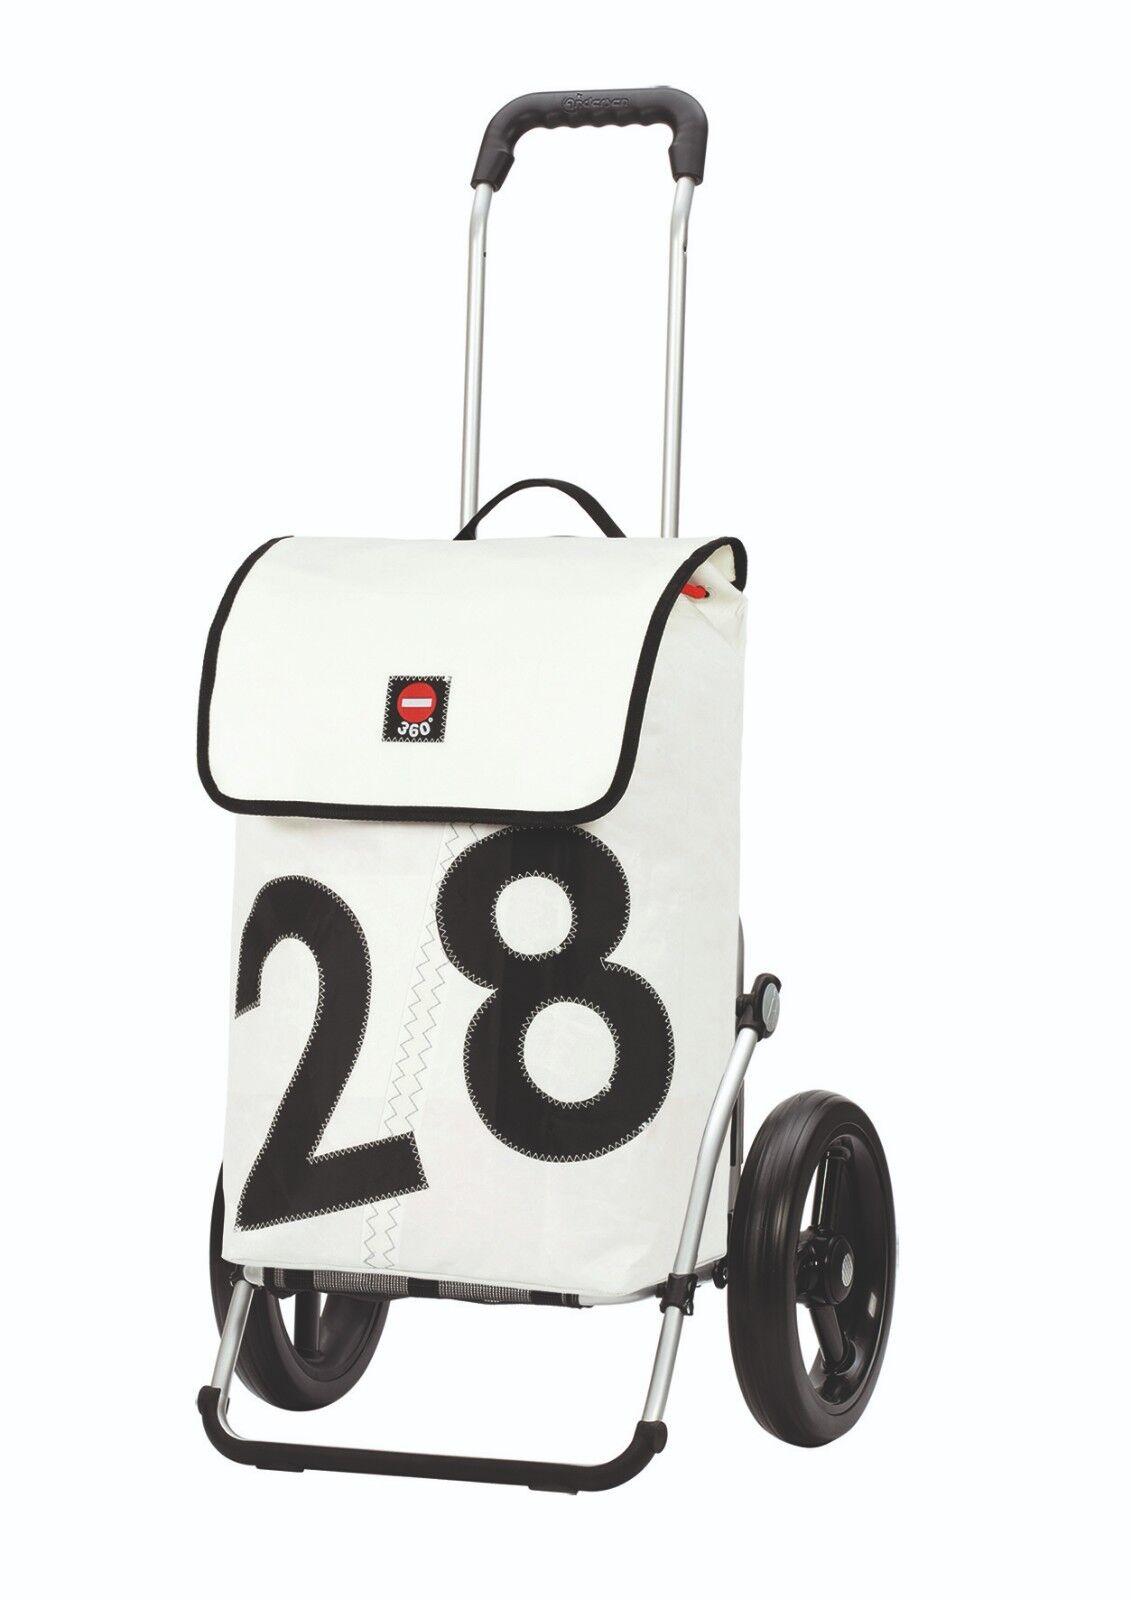 Andersen Royal Shopper Speichenrad LUV 3 Speichenrad Shopper Einkaufstrolley Einkaufswagen d7d6be